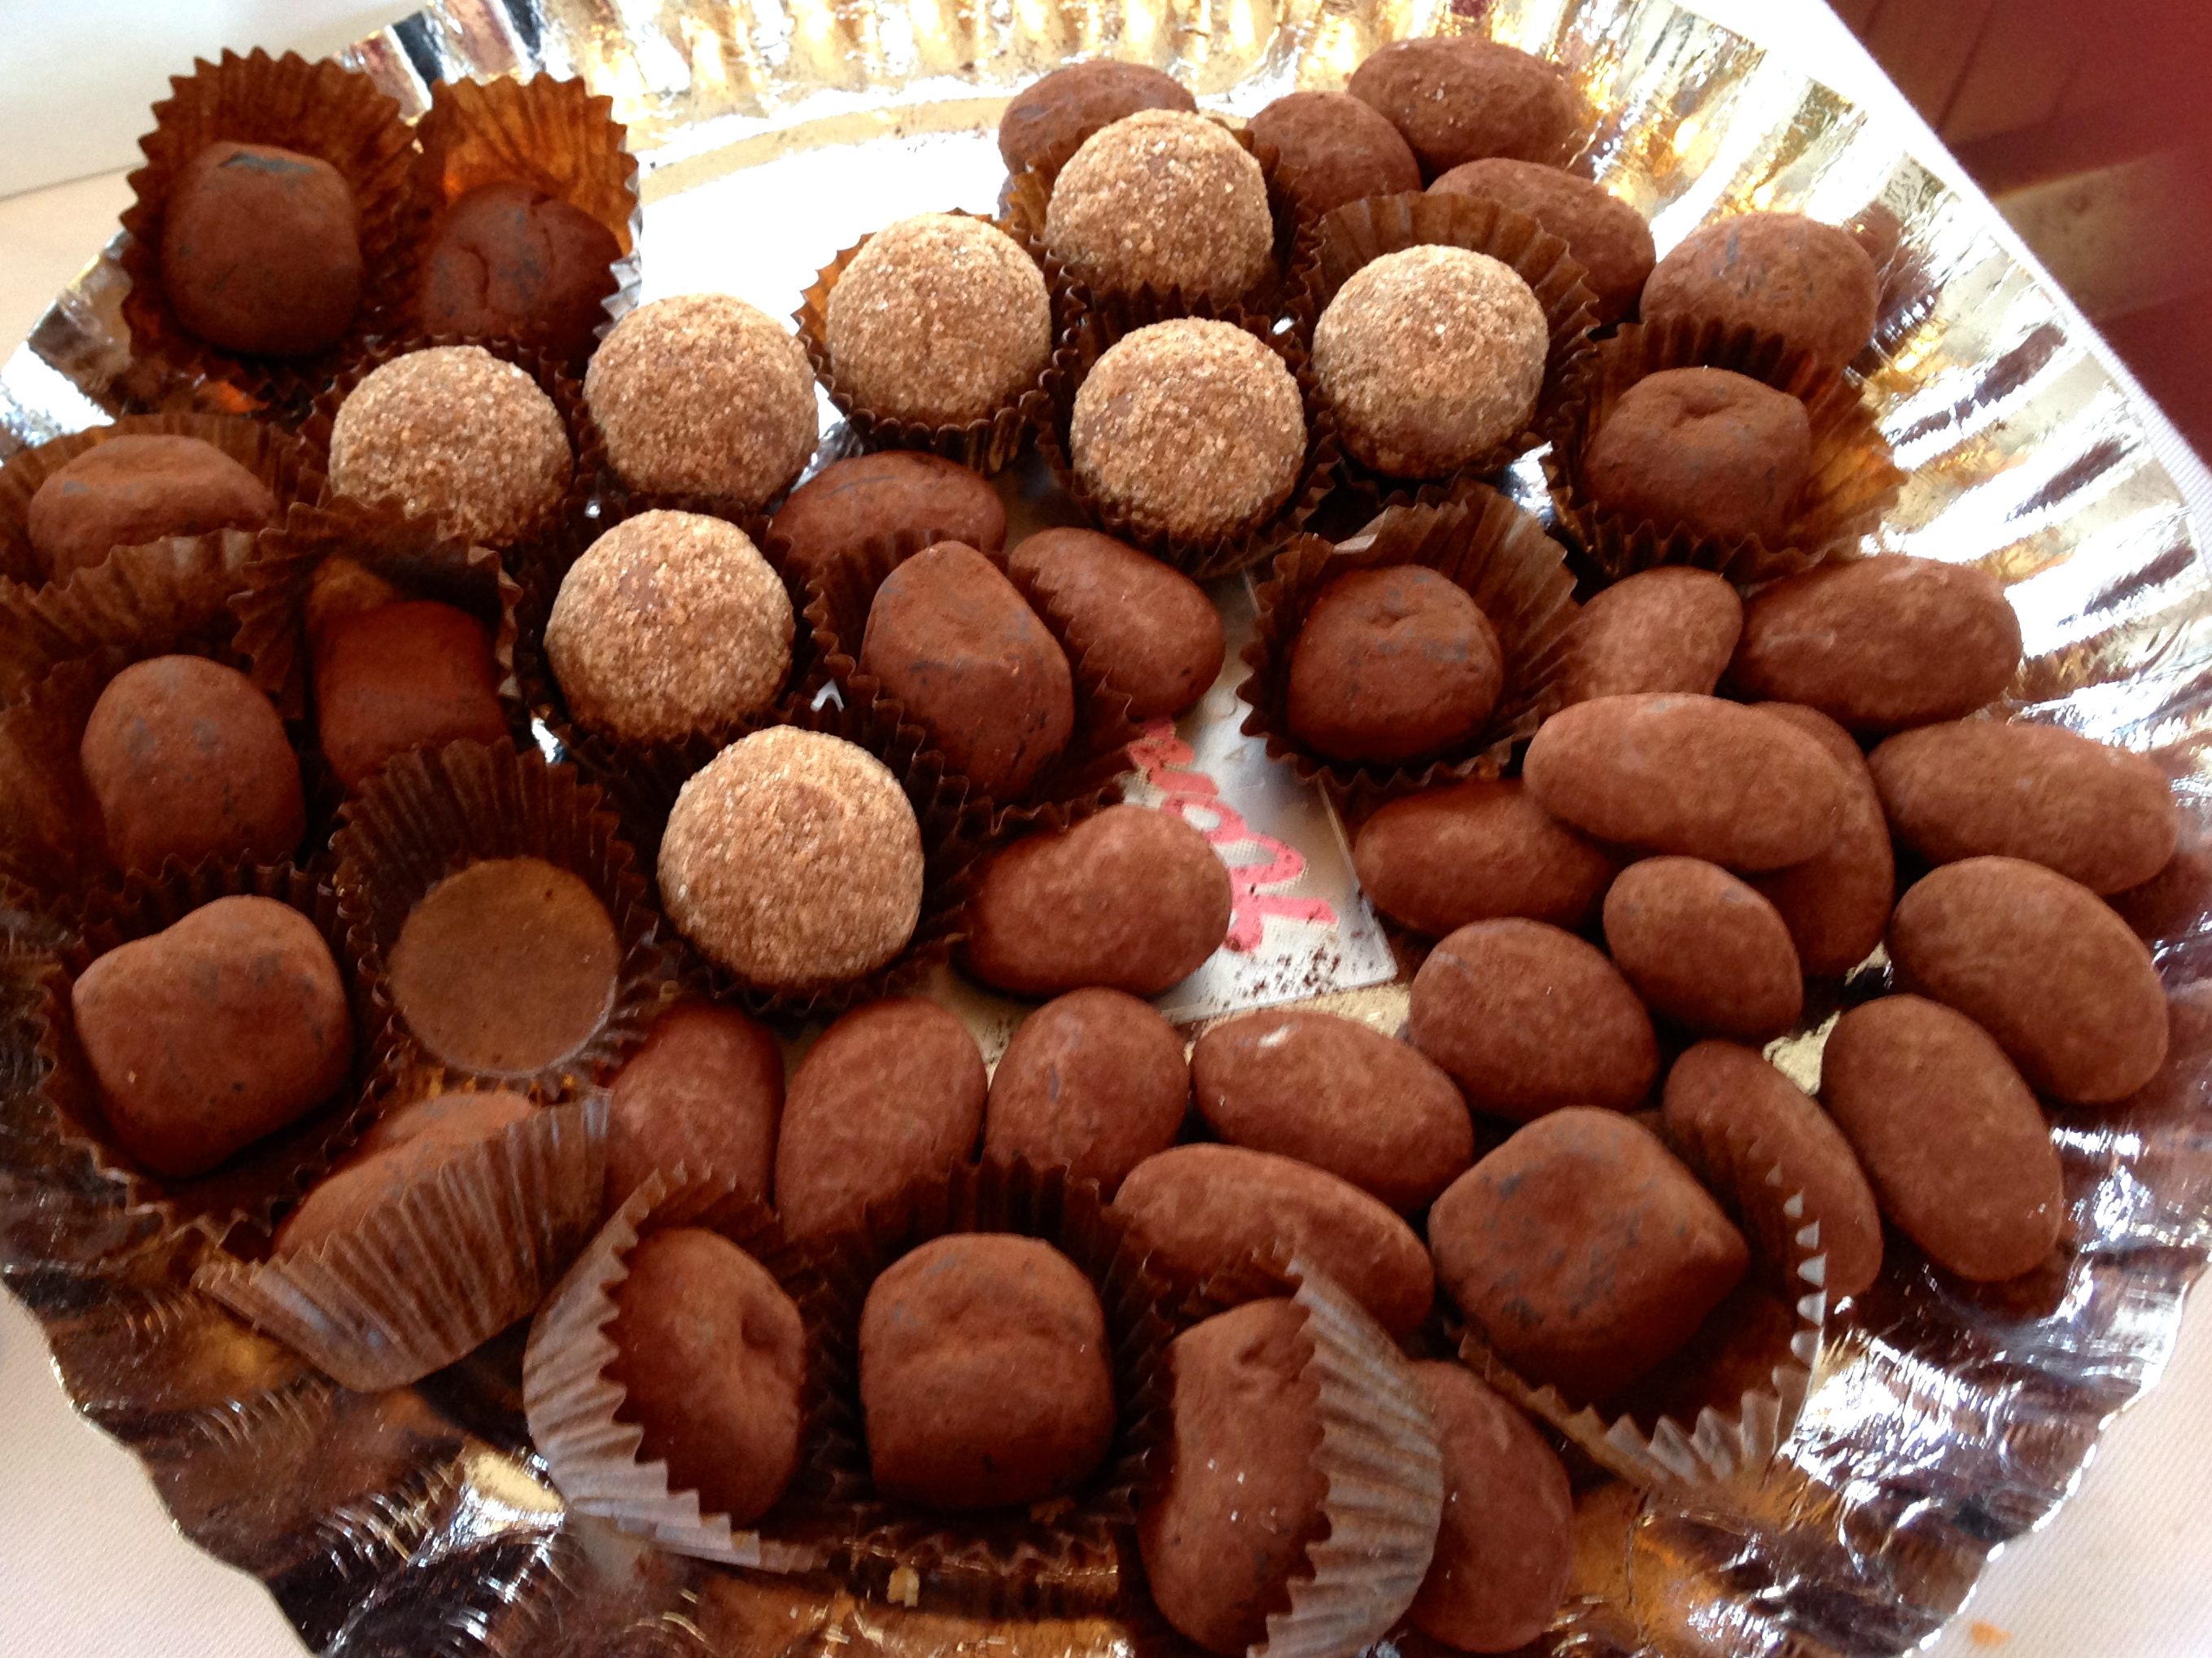 Schoggi Tram Zurich, Chocolate tram Zurich, Confiserie Honold